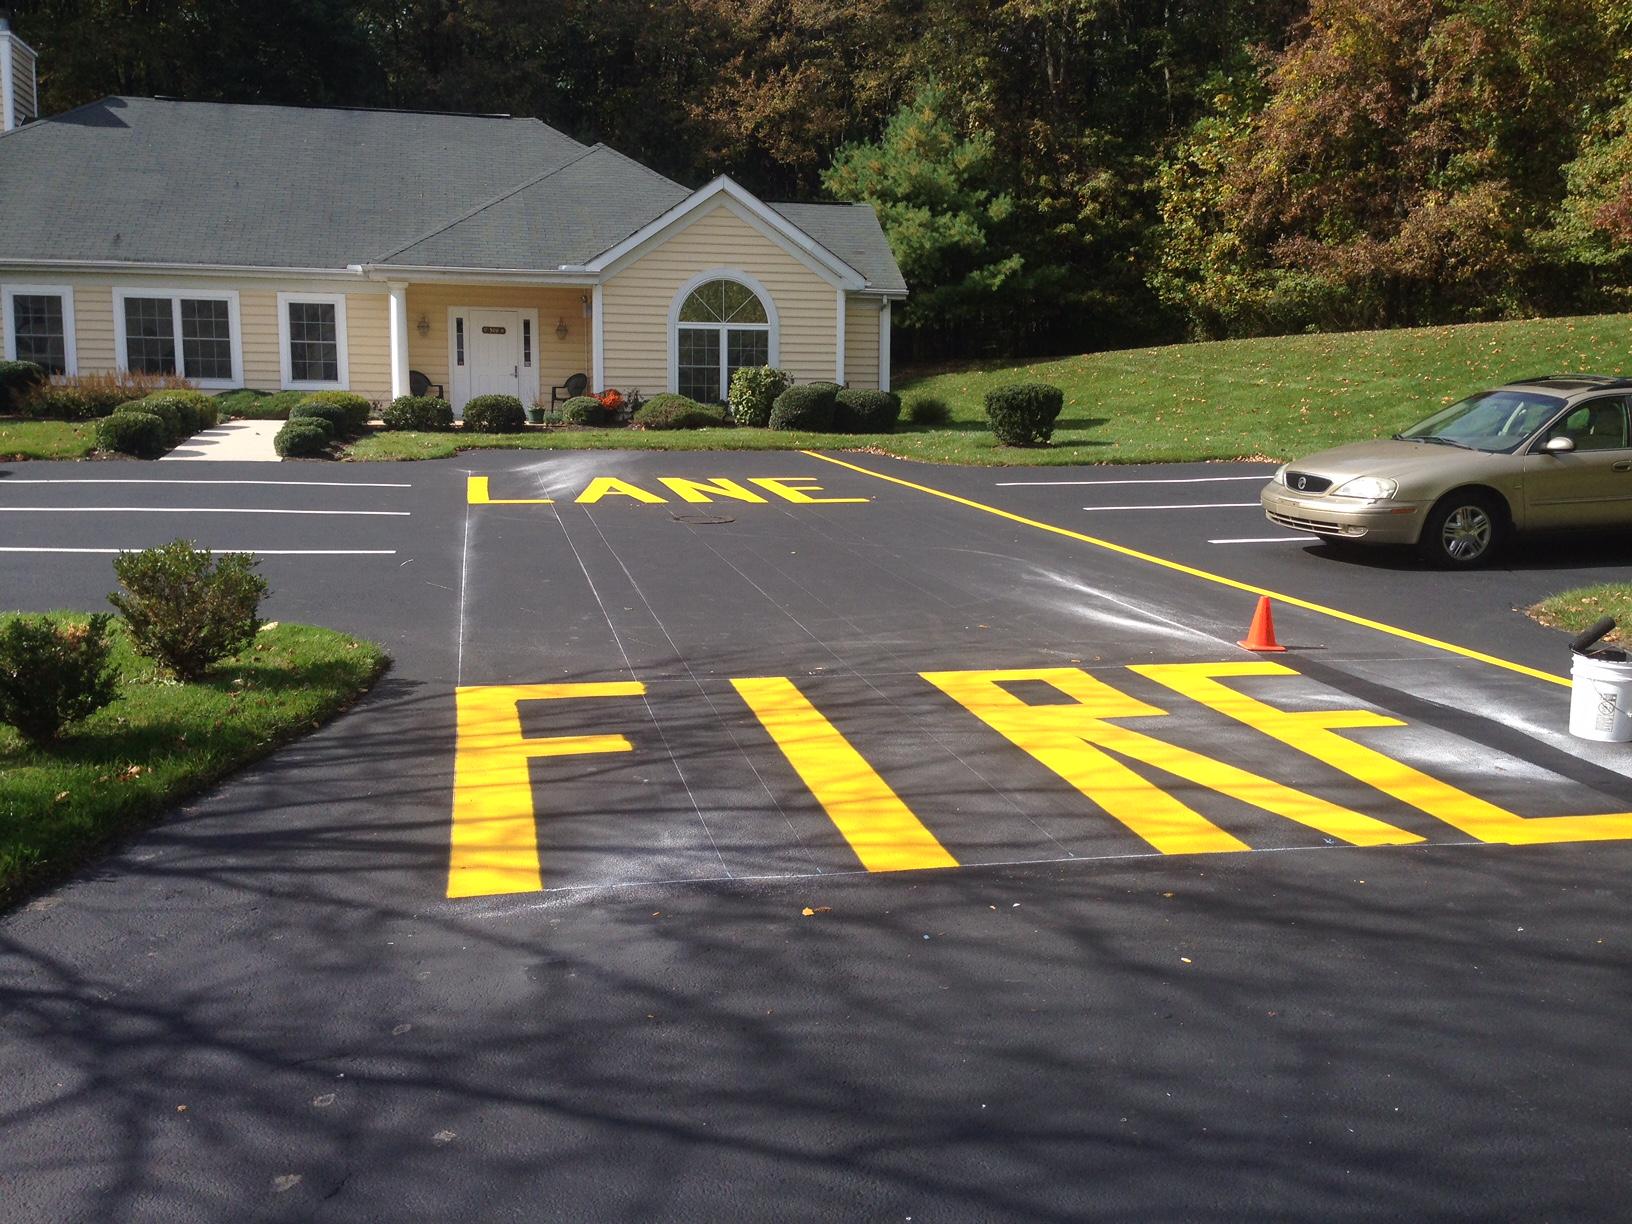 Delaware_Fire_Lane_Striping_8